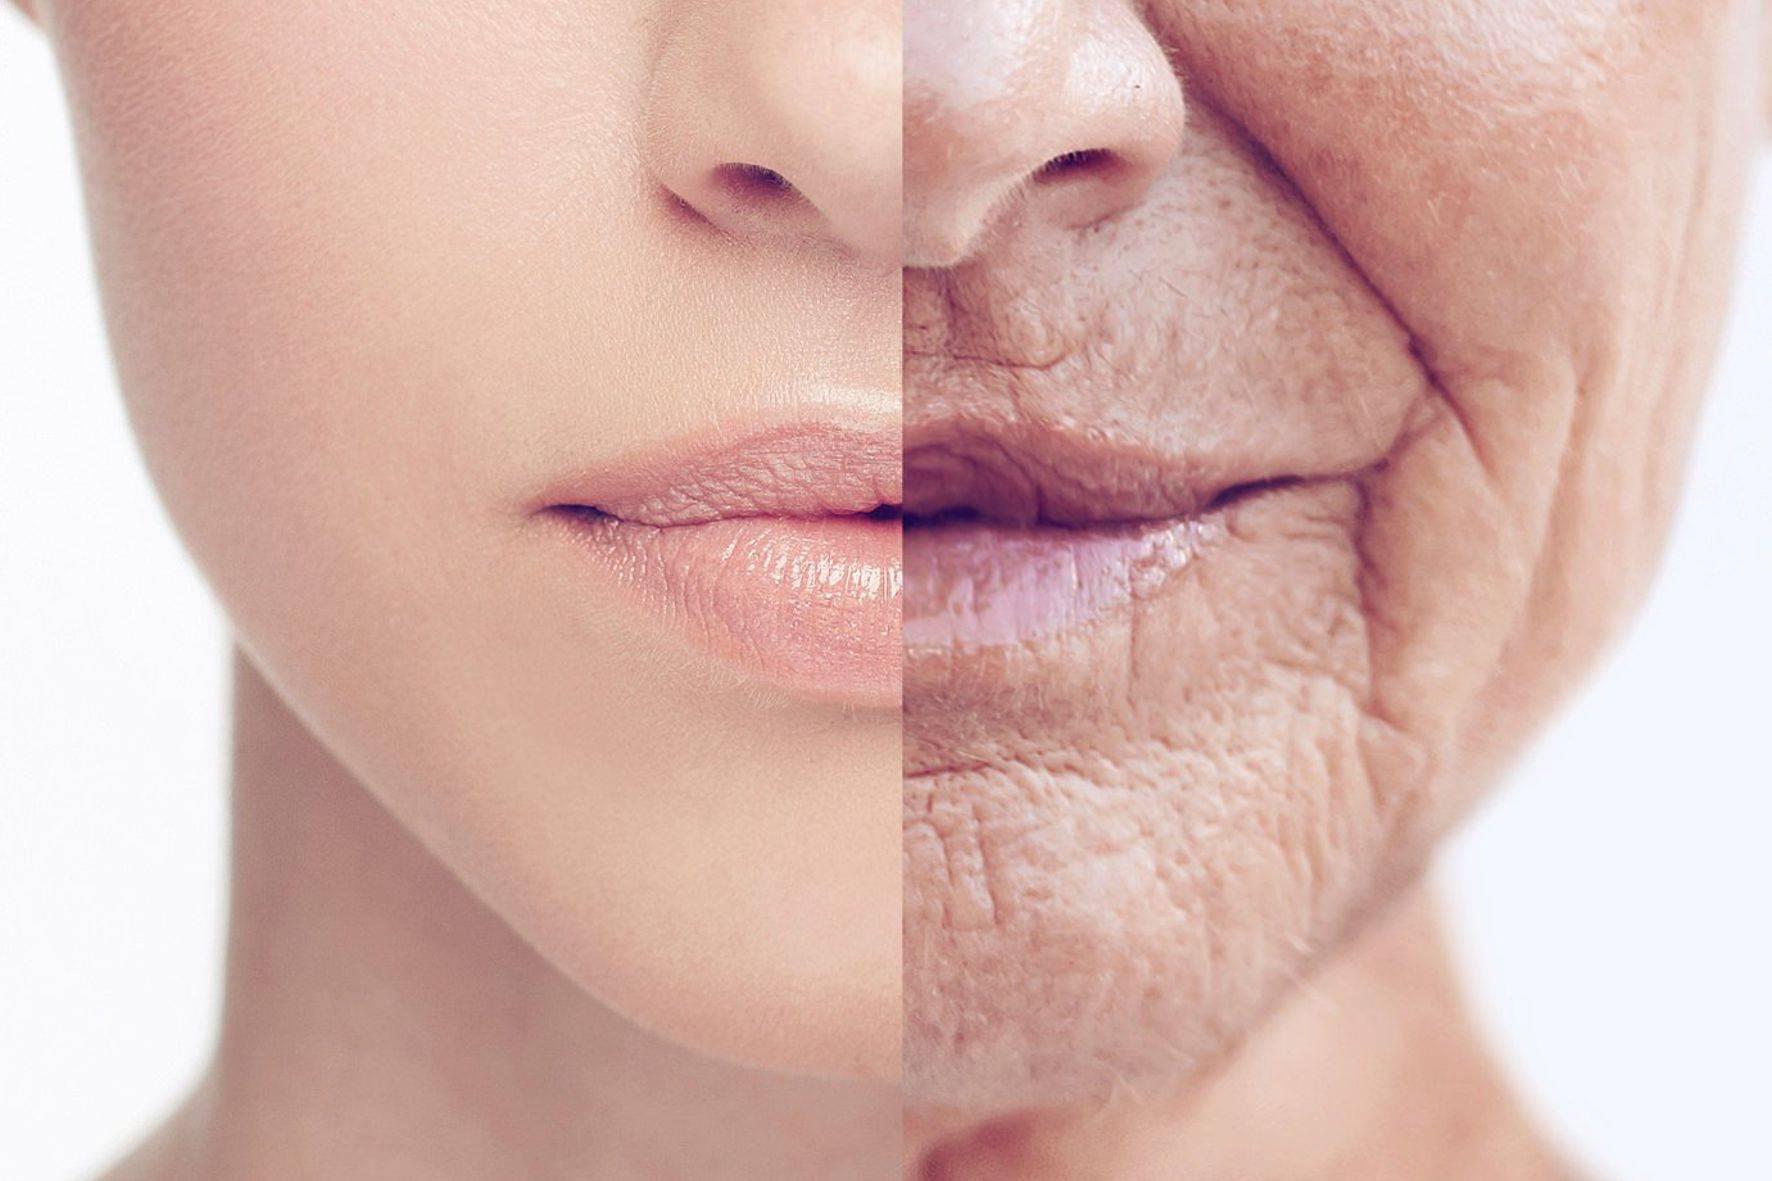 Как избавиться от глубоких морщин на лице: народные средства, правильный уход и профессиональные процедуры